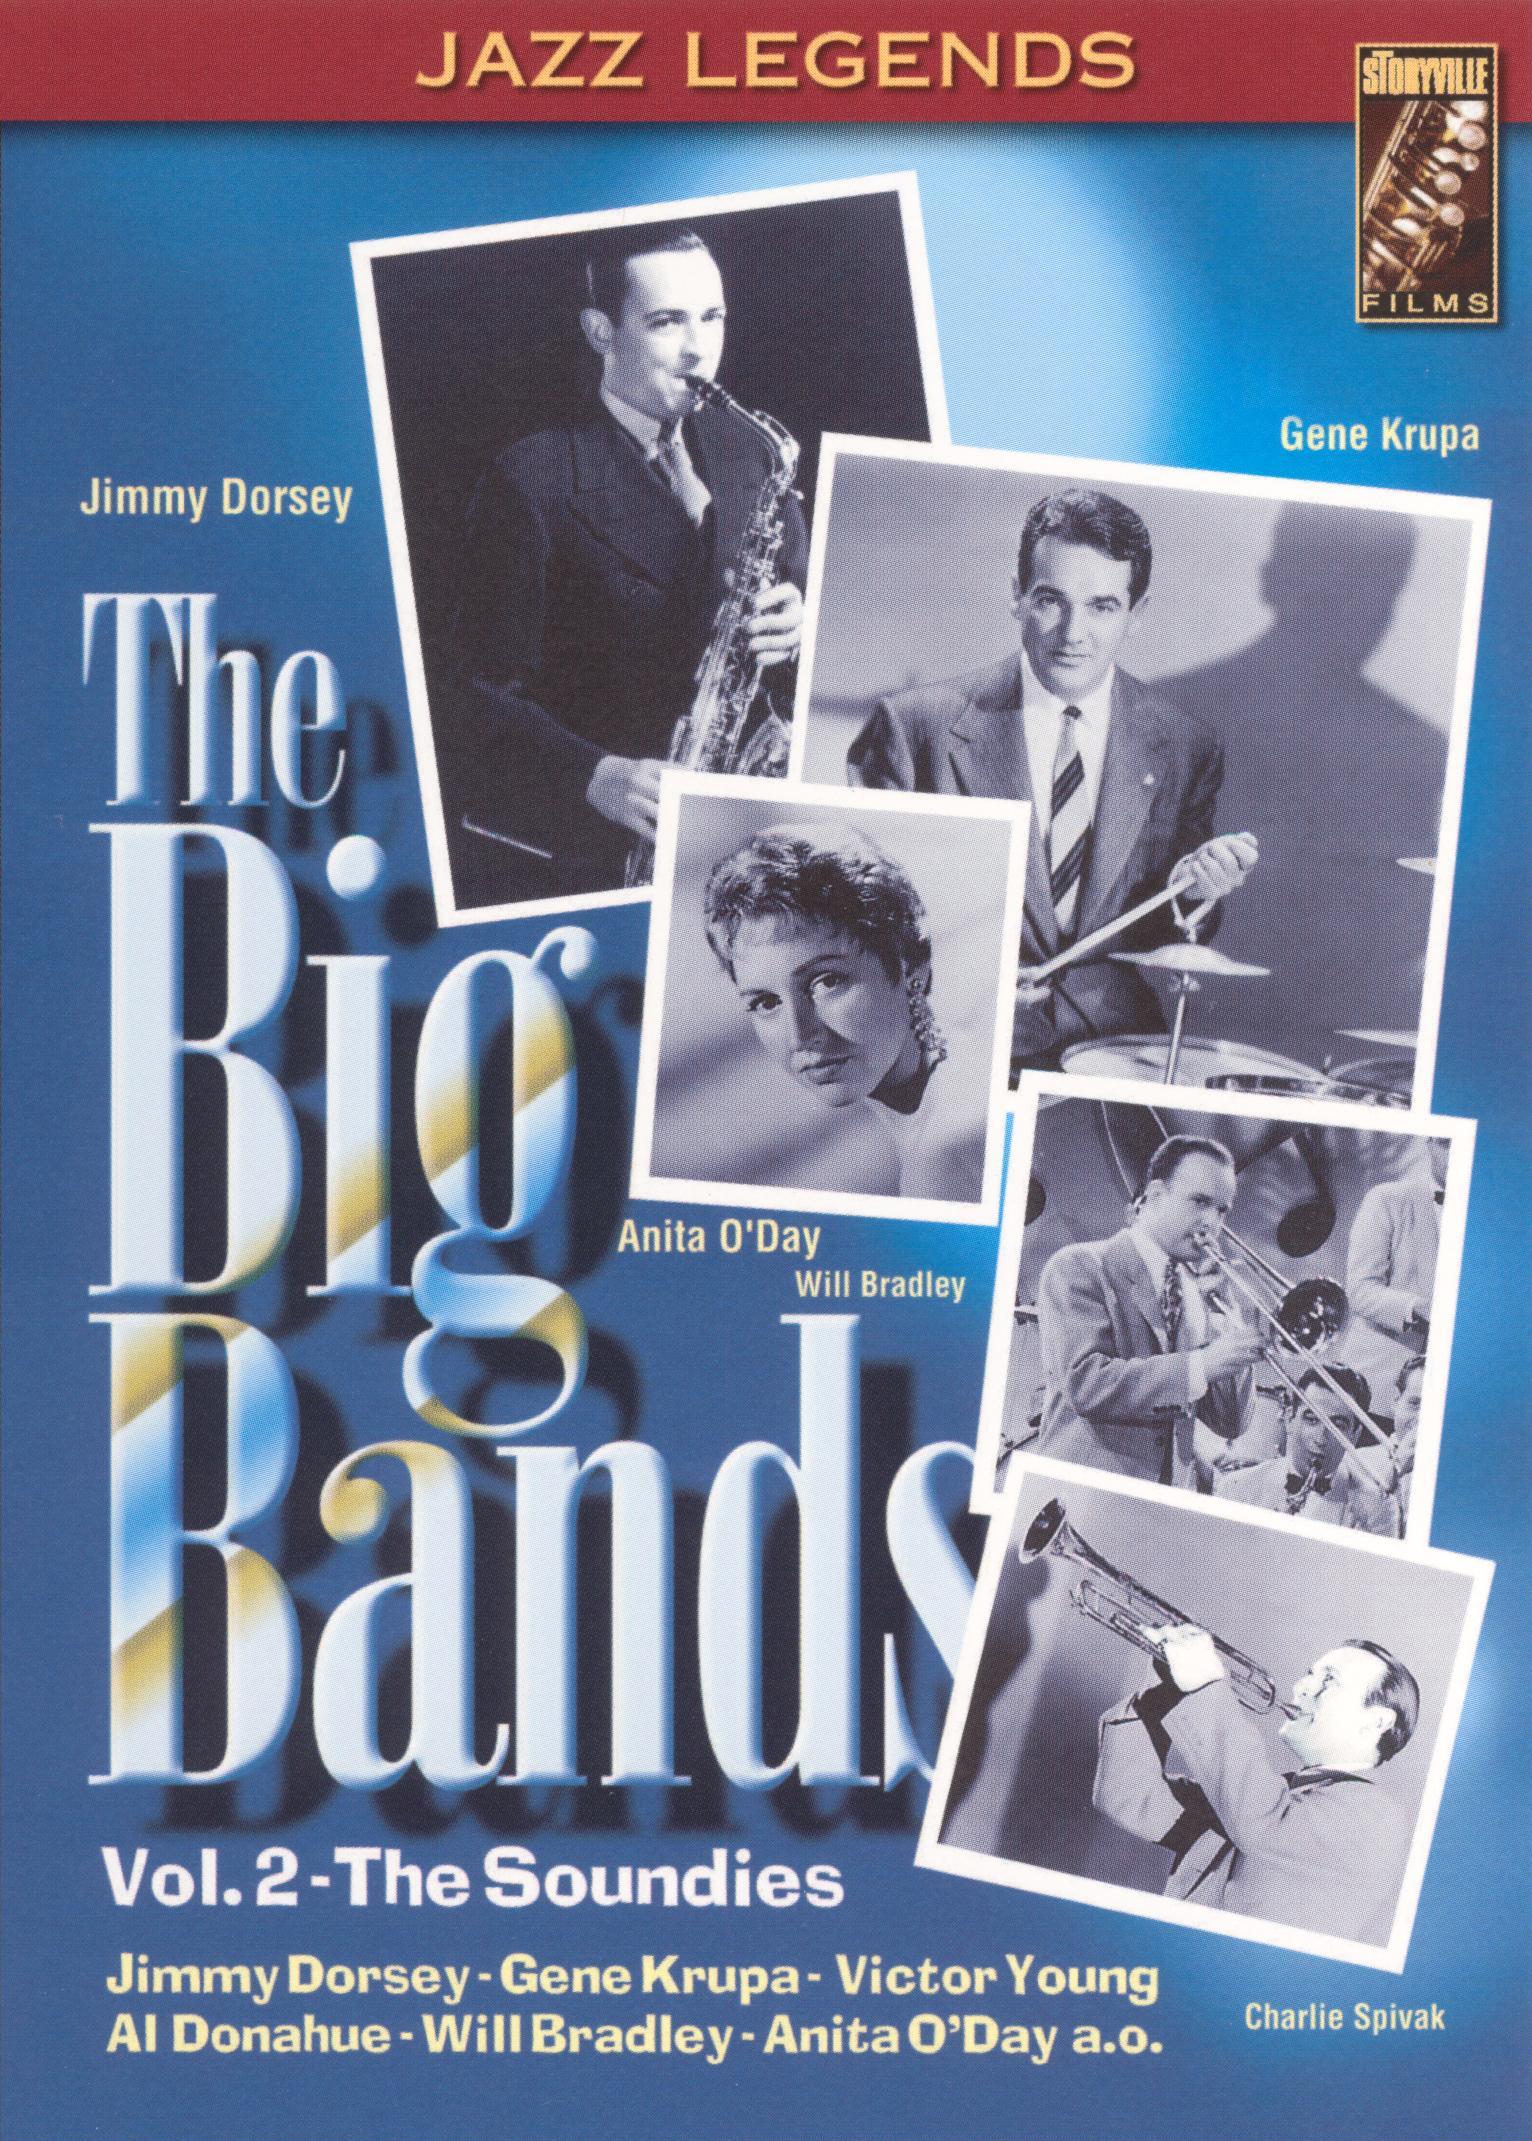 Big Band: The Soundies, Vol. 2